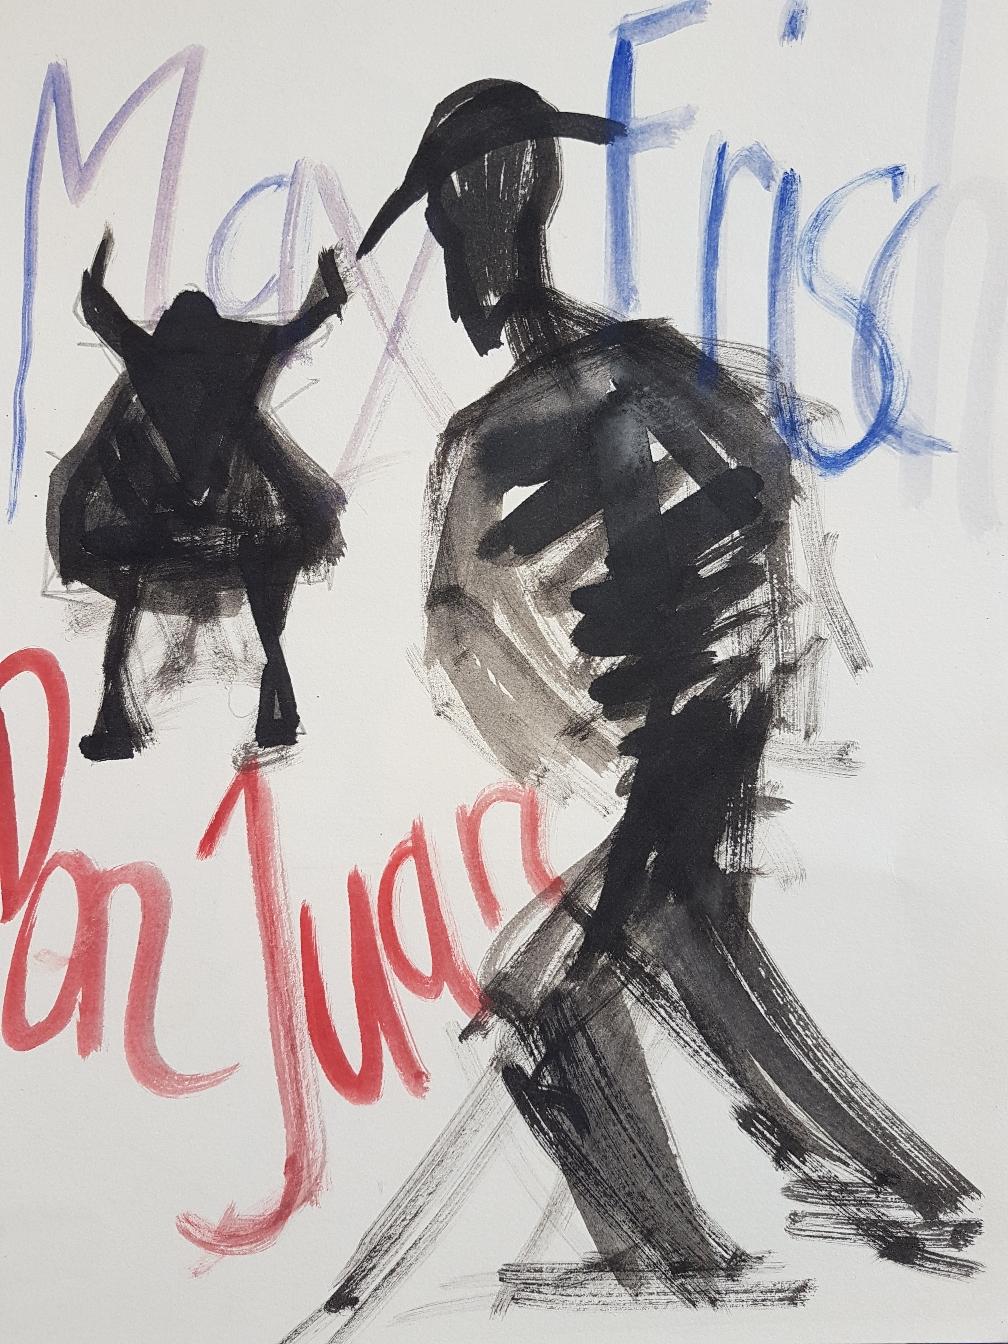 Skizze Plakat Don Juan, 2001